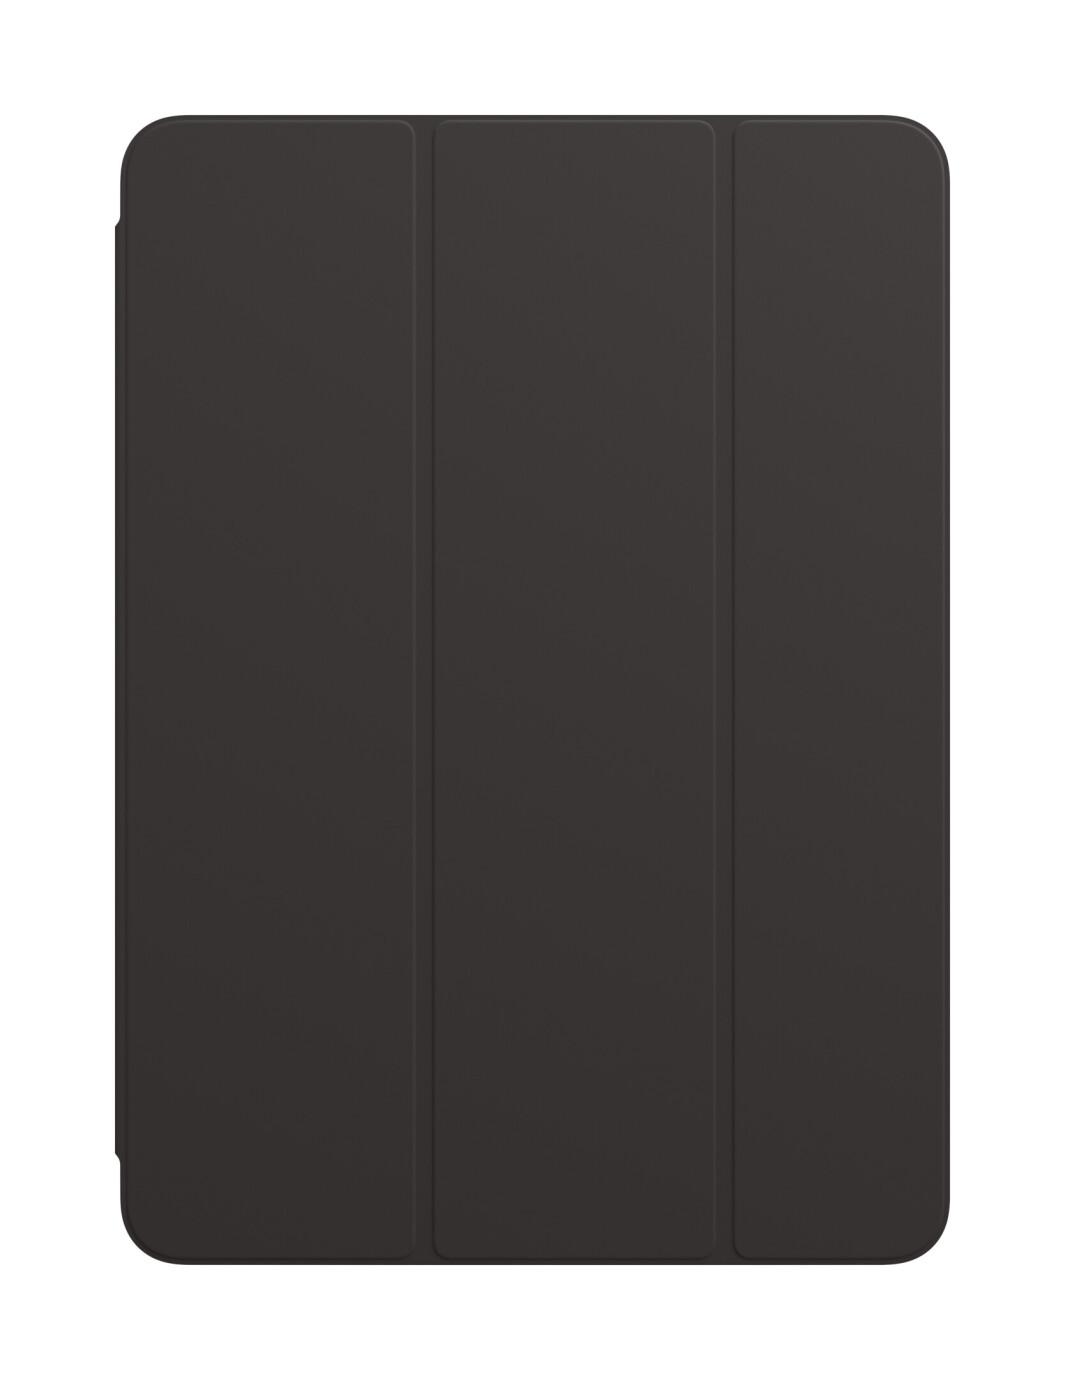 Apple Smart Folio für iPad Air (4. Generation) - Schwarz